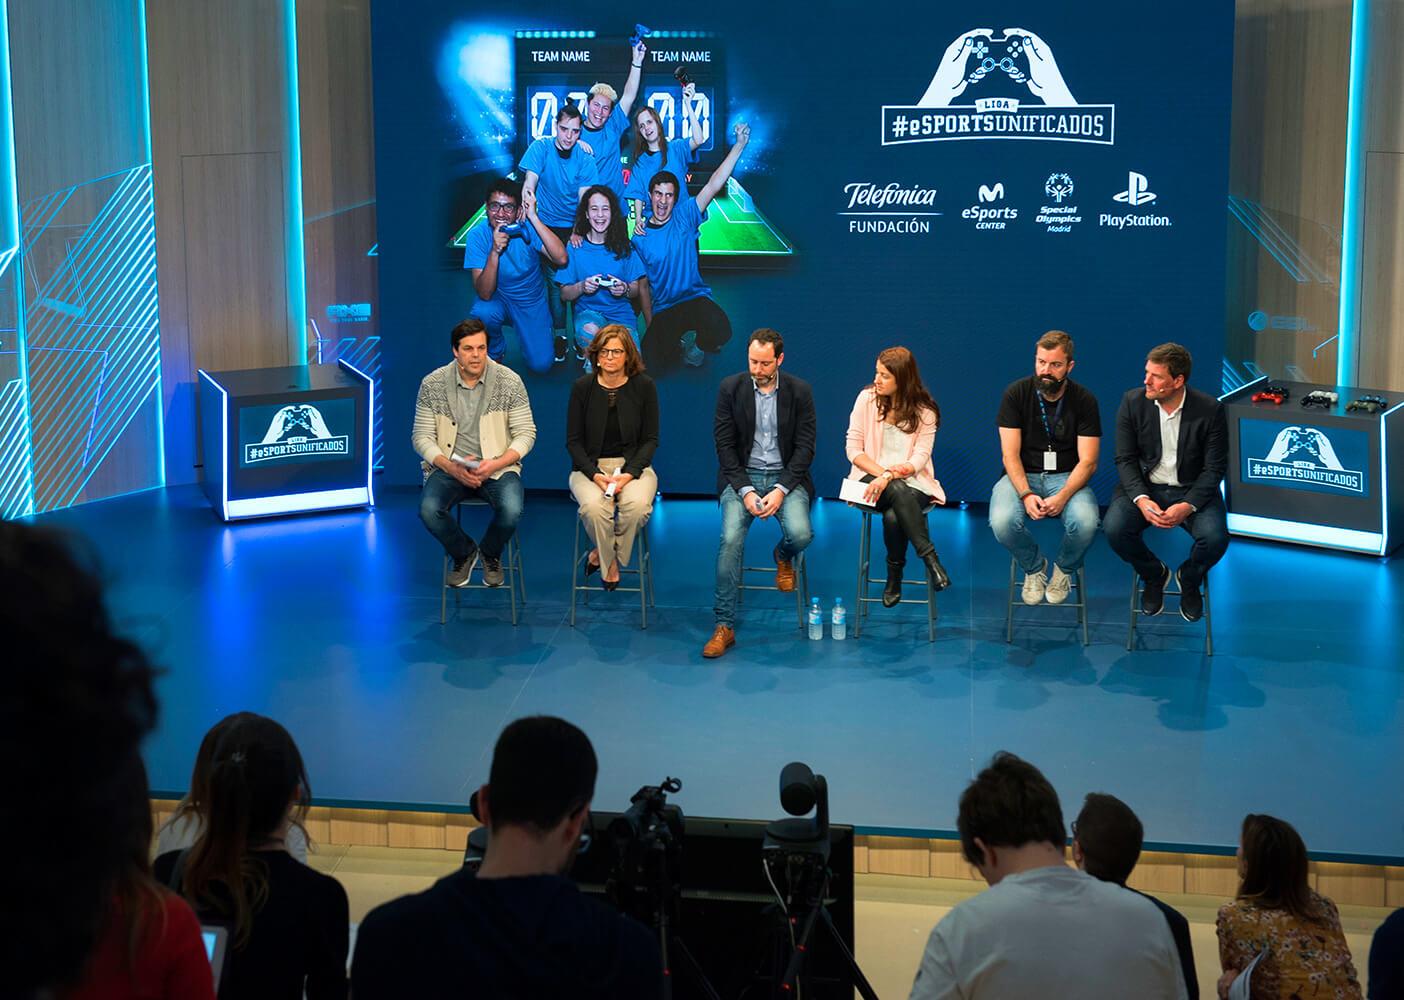 El I Campeonato de #eSportsUnificados del mundo comienza el próximo 2 de junio